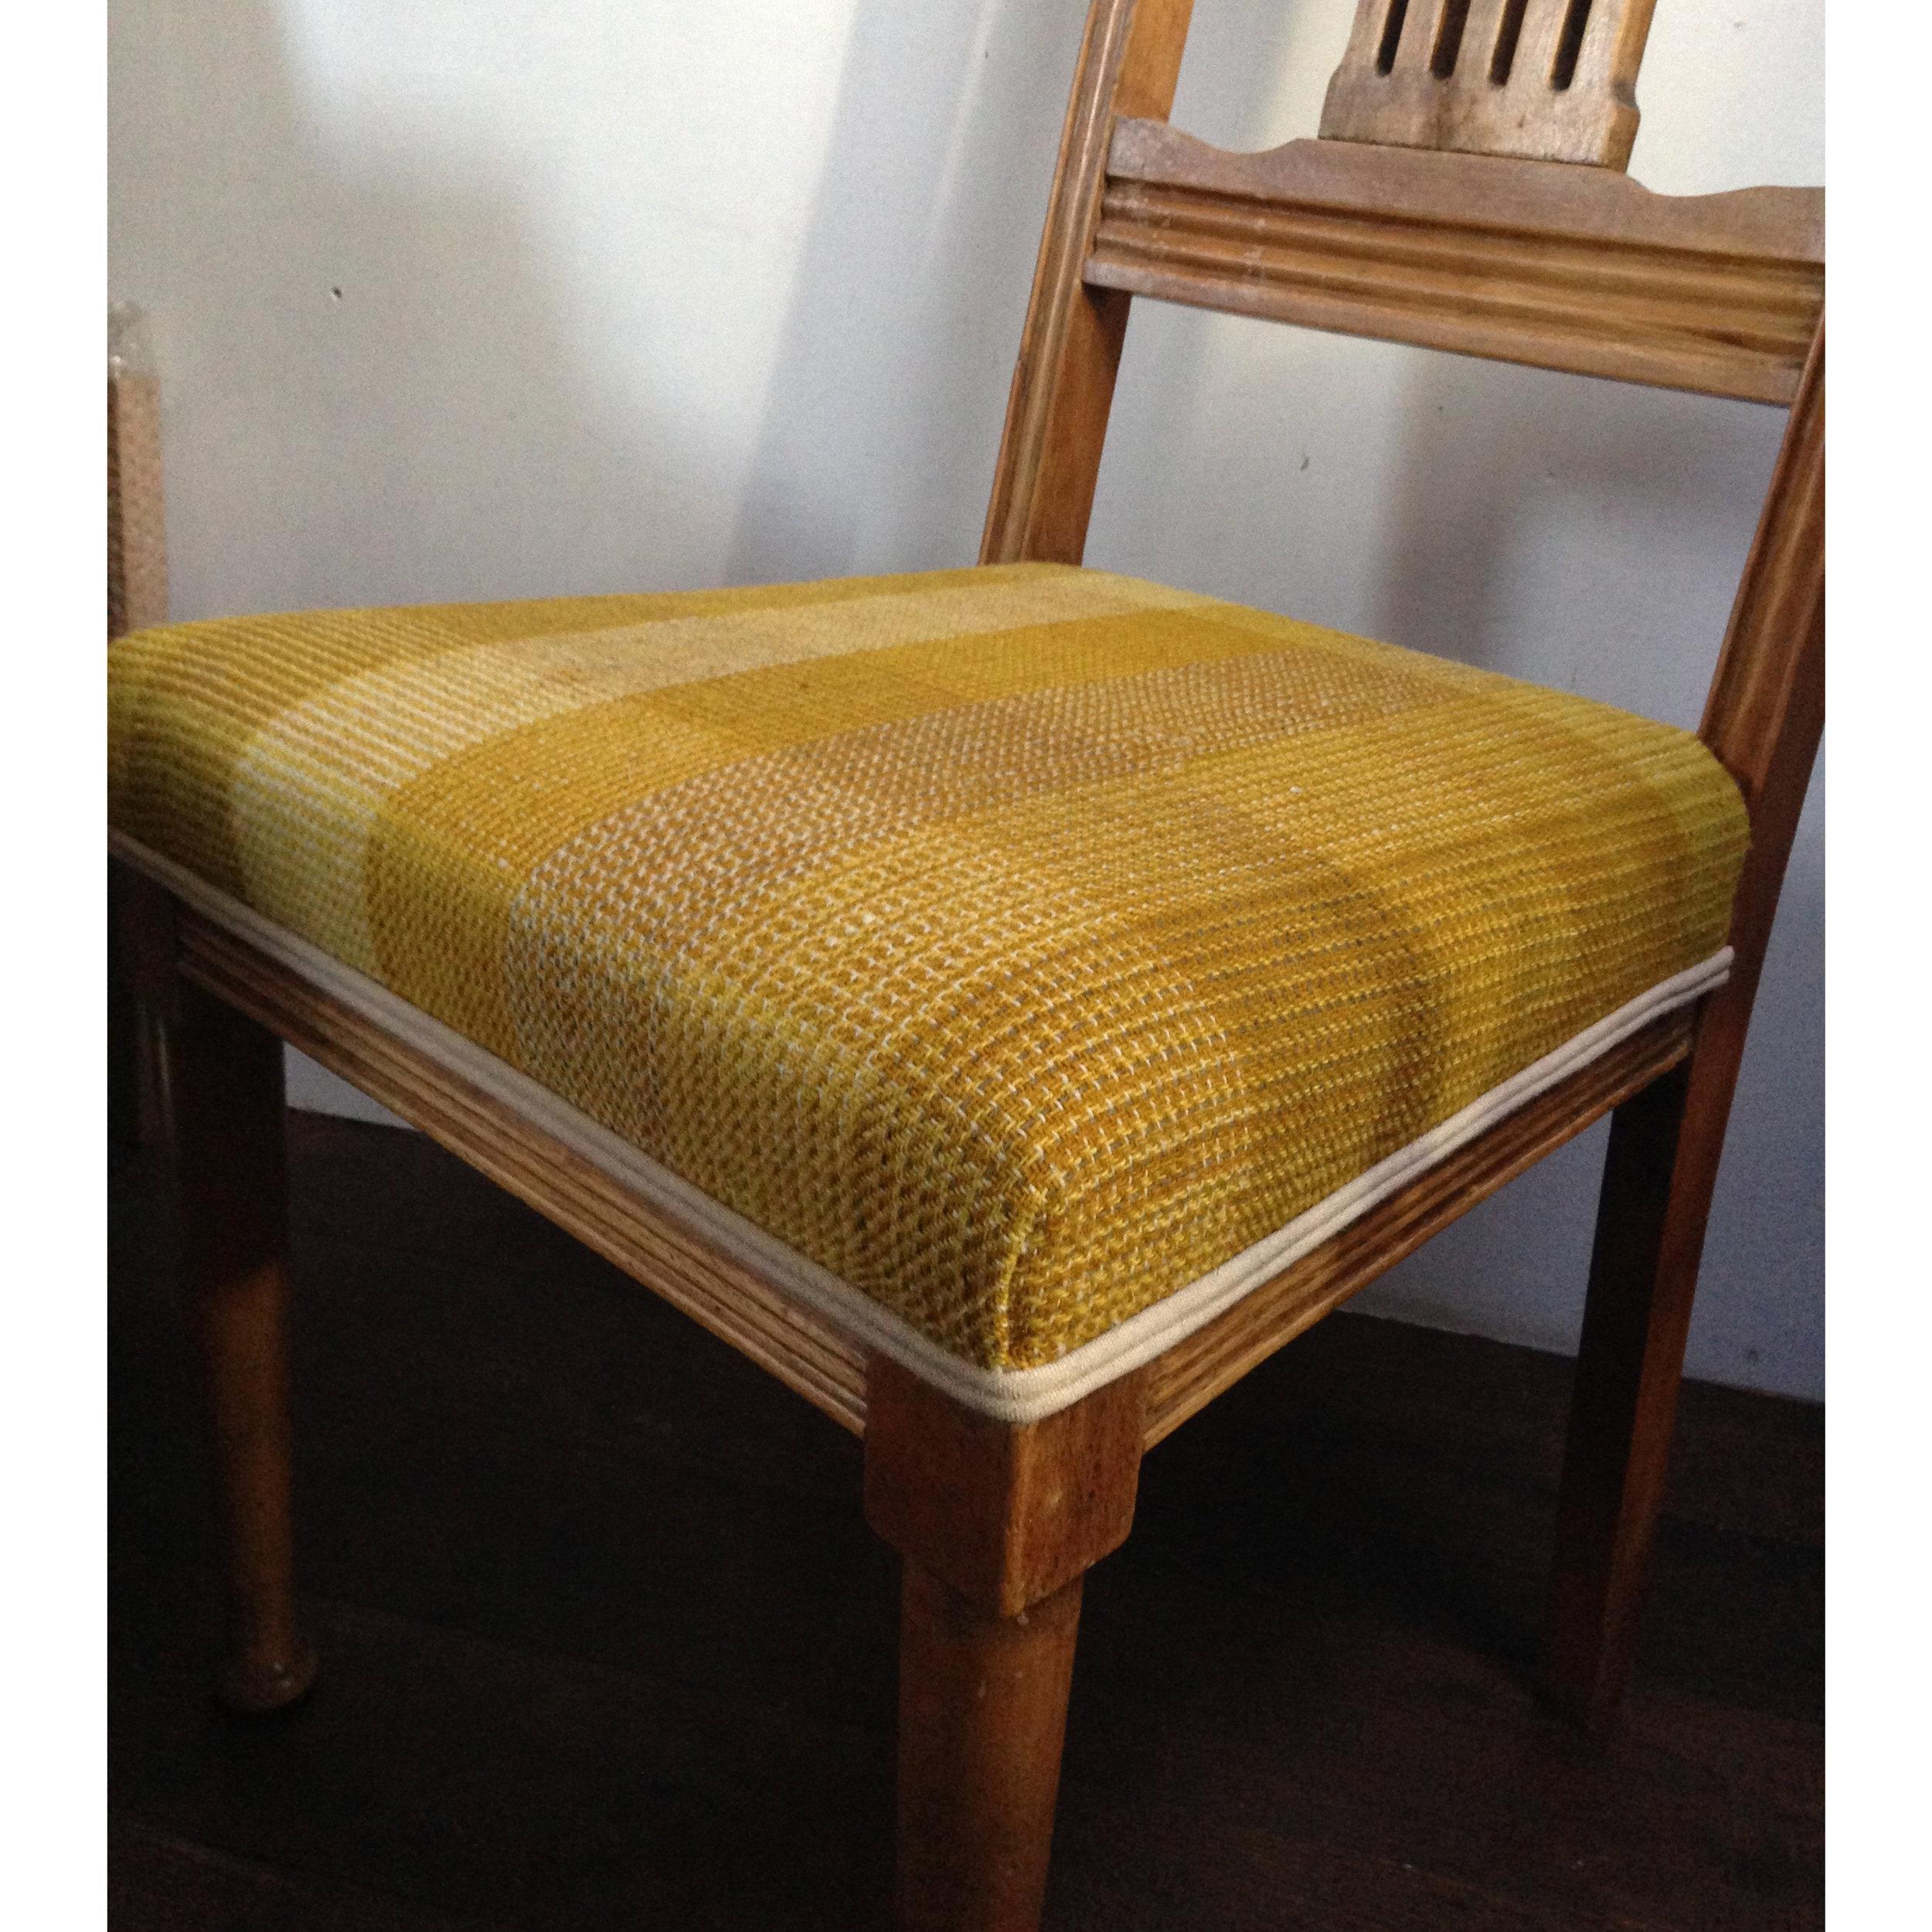 upholster5.jpg